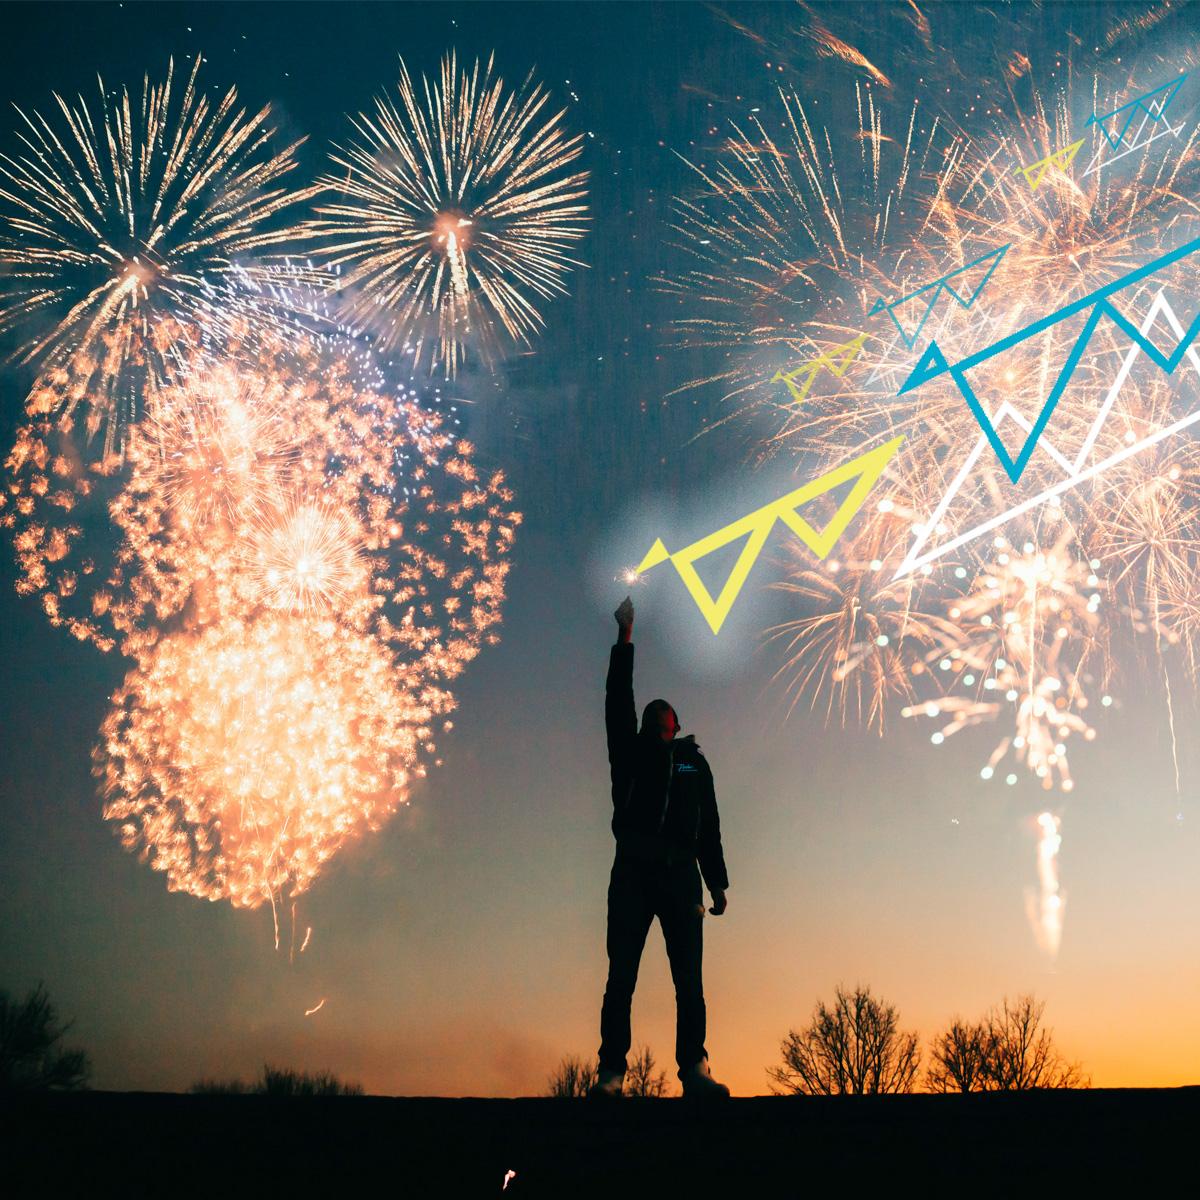 Hyvää uutta vuotta 2019! Happy New Year 2019!